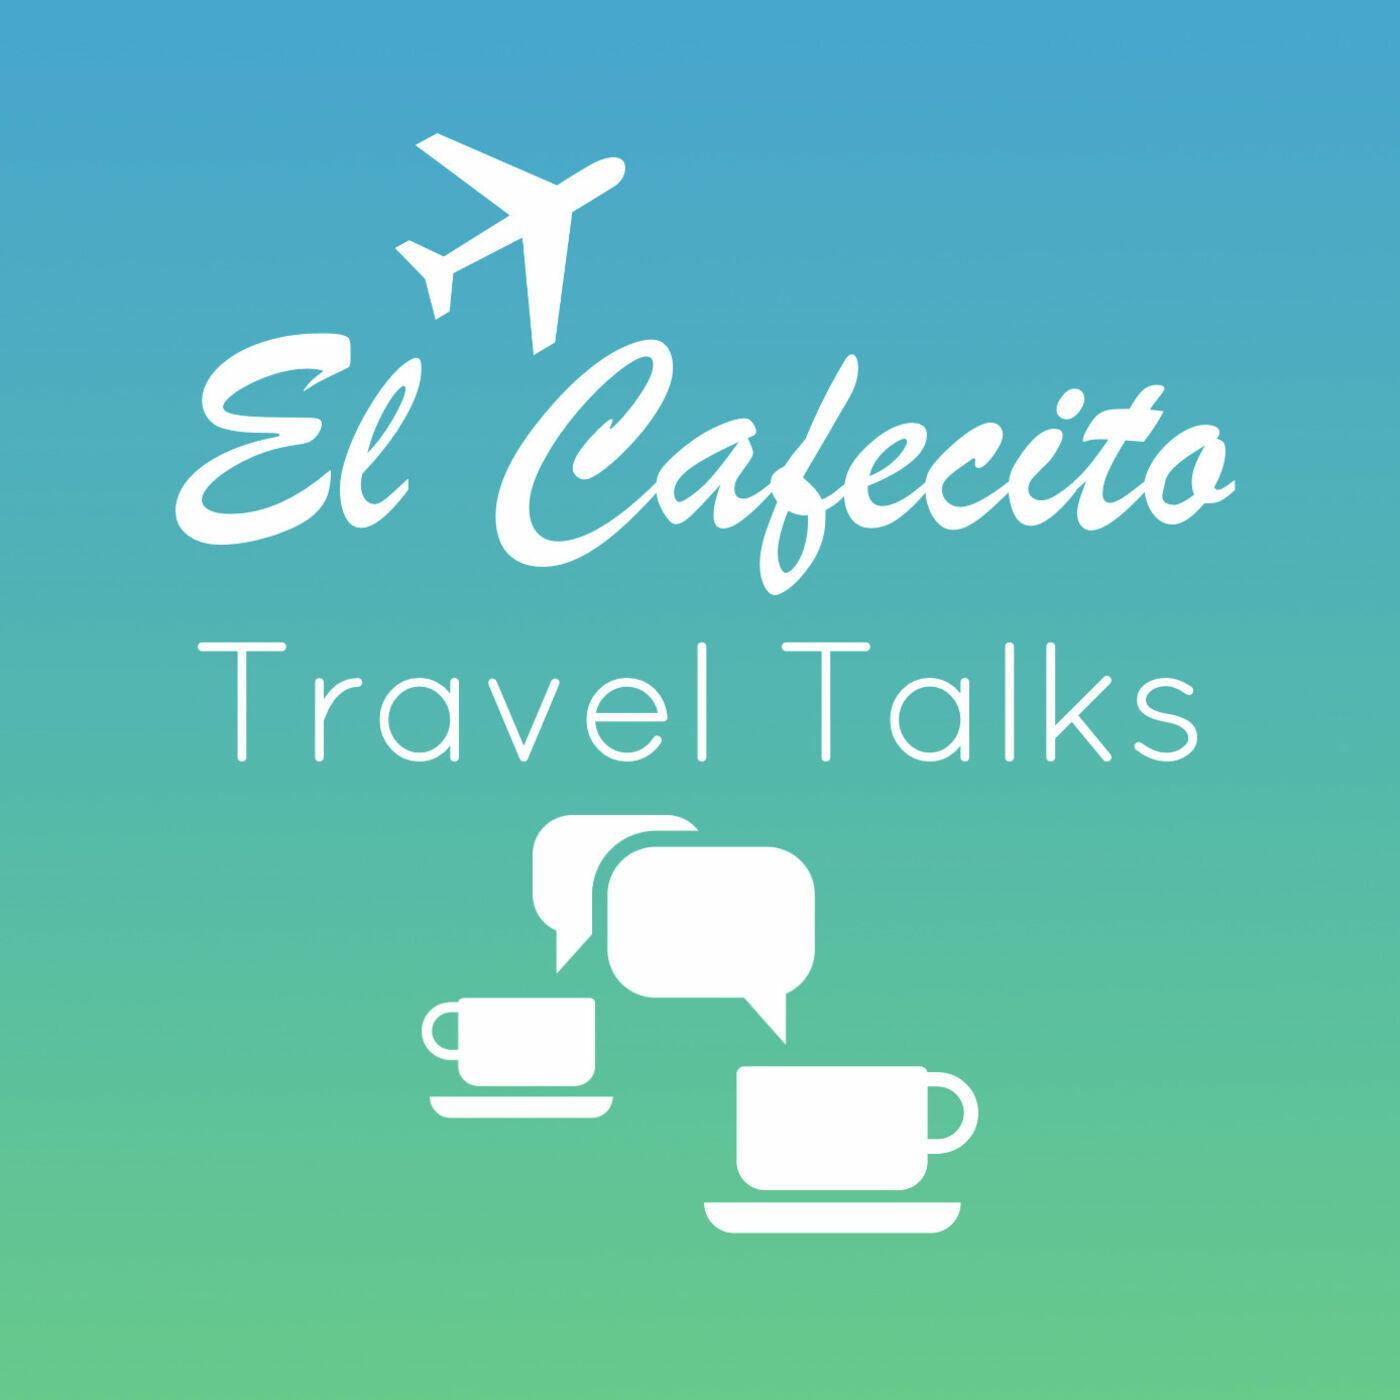 El Cafecito Travel Talks